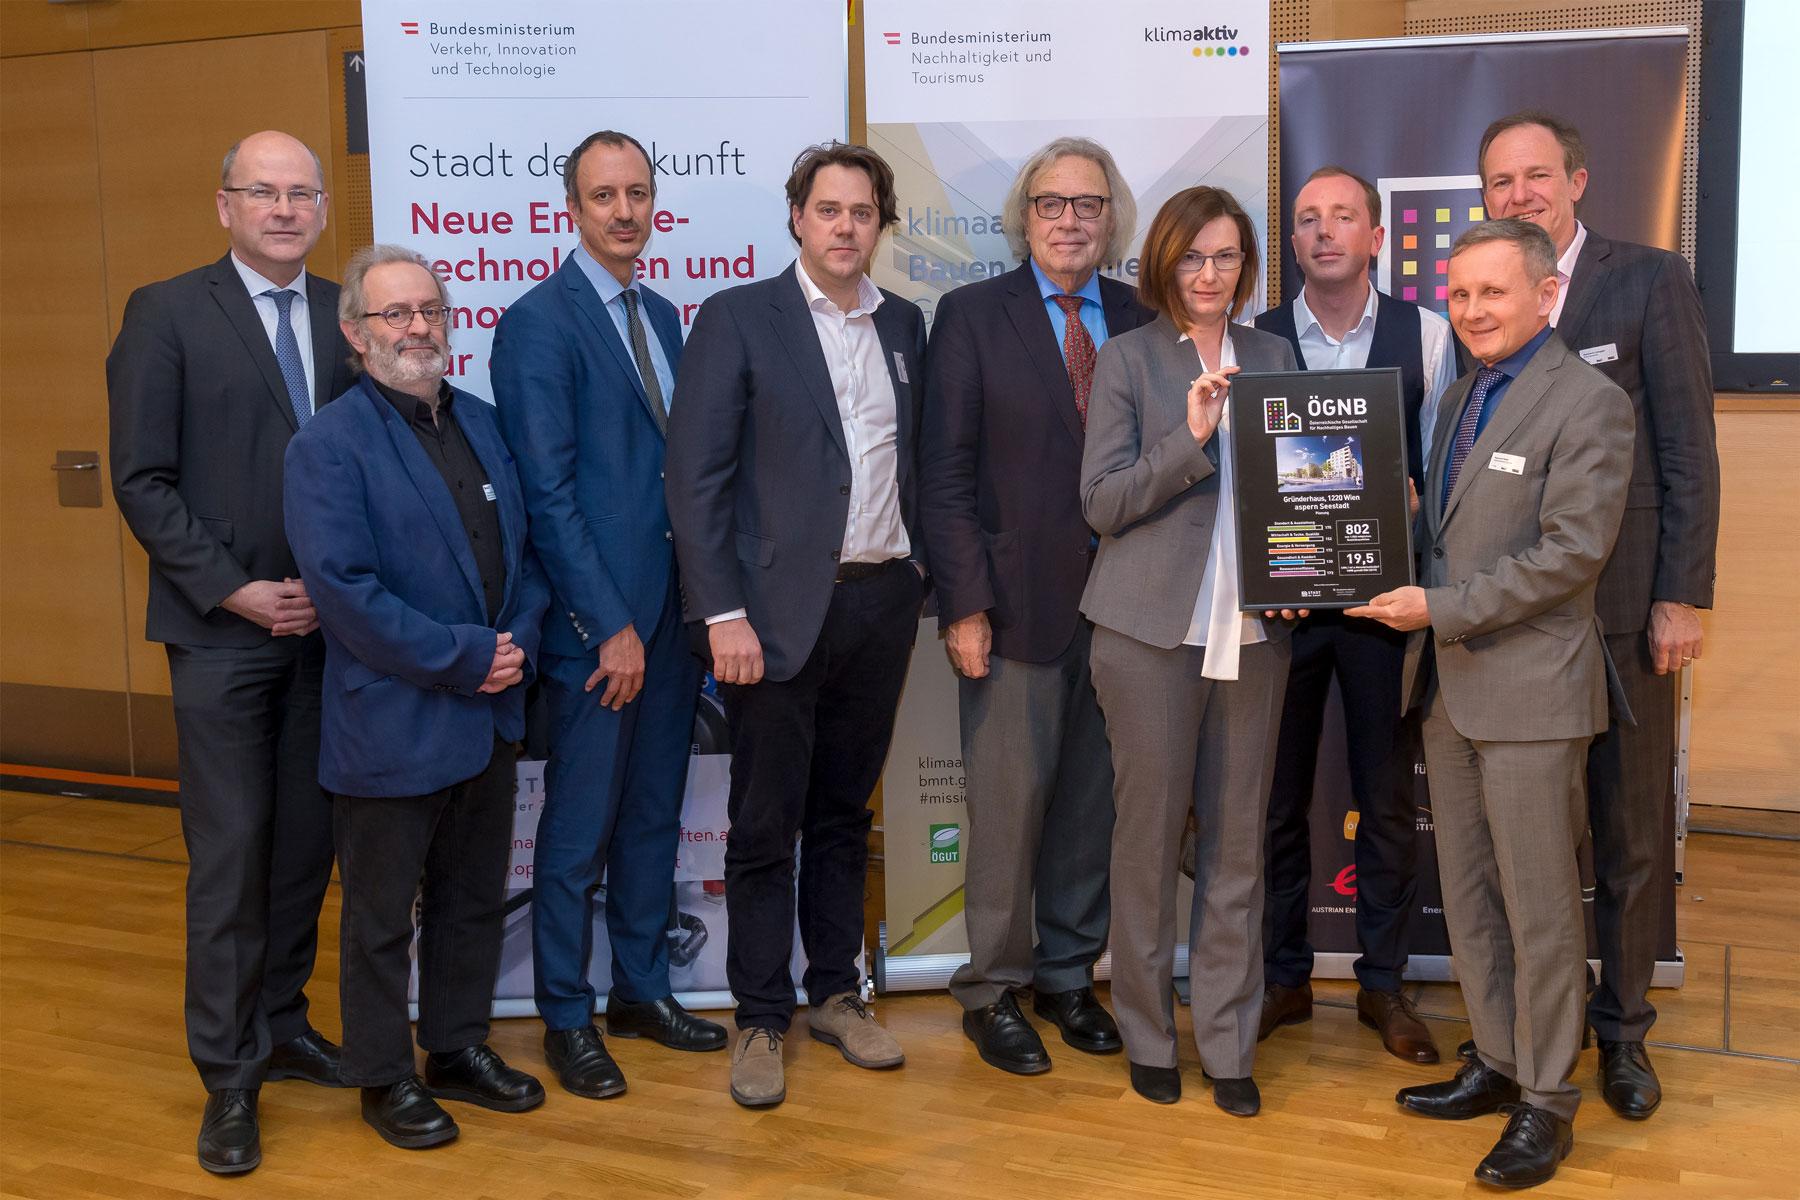 ÖGNB Auszeichnung 2019